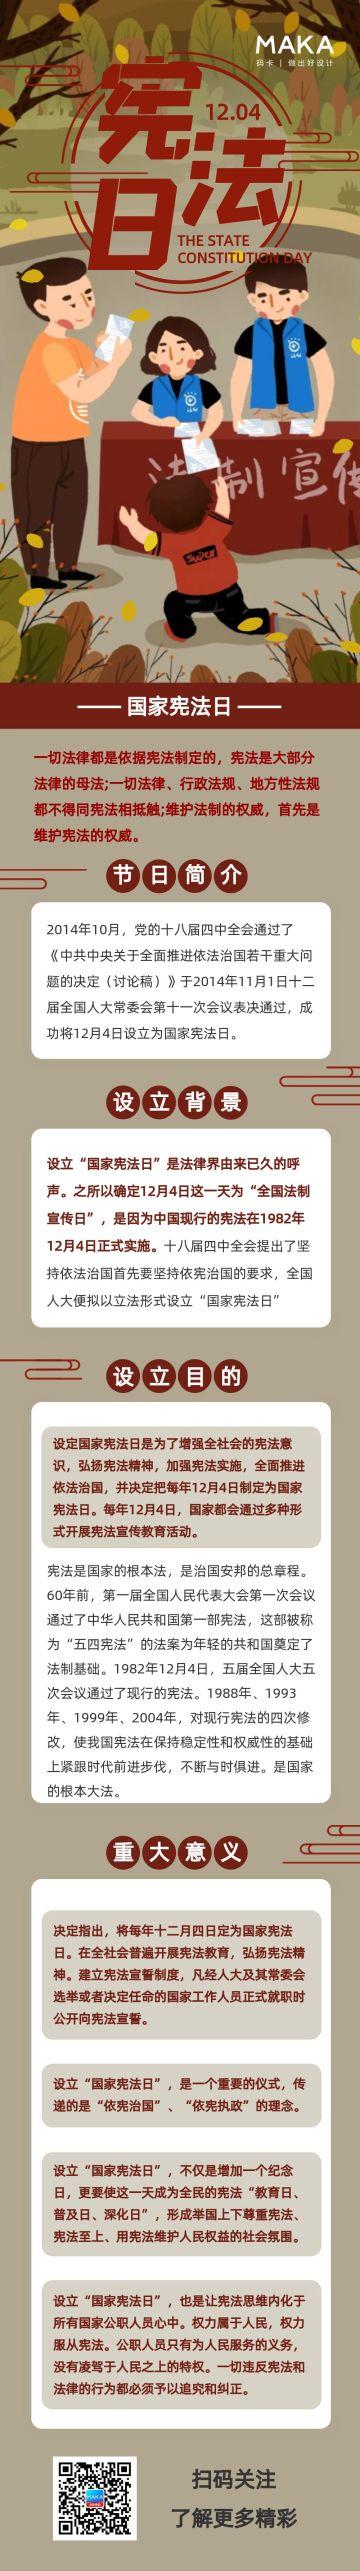 棕色扁平简约风格国家宪法日节日宣传长页H5